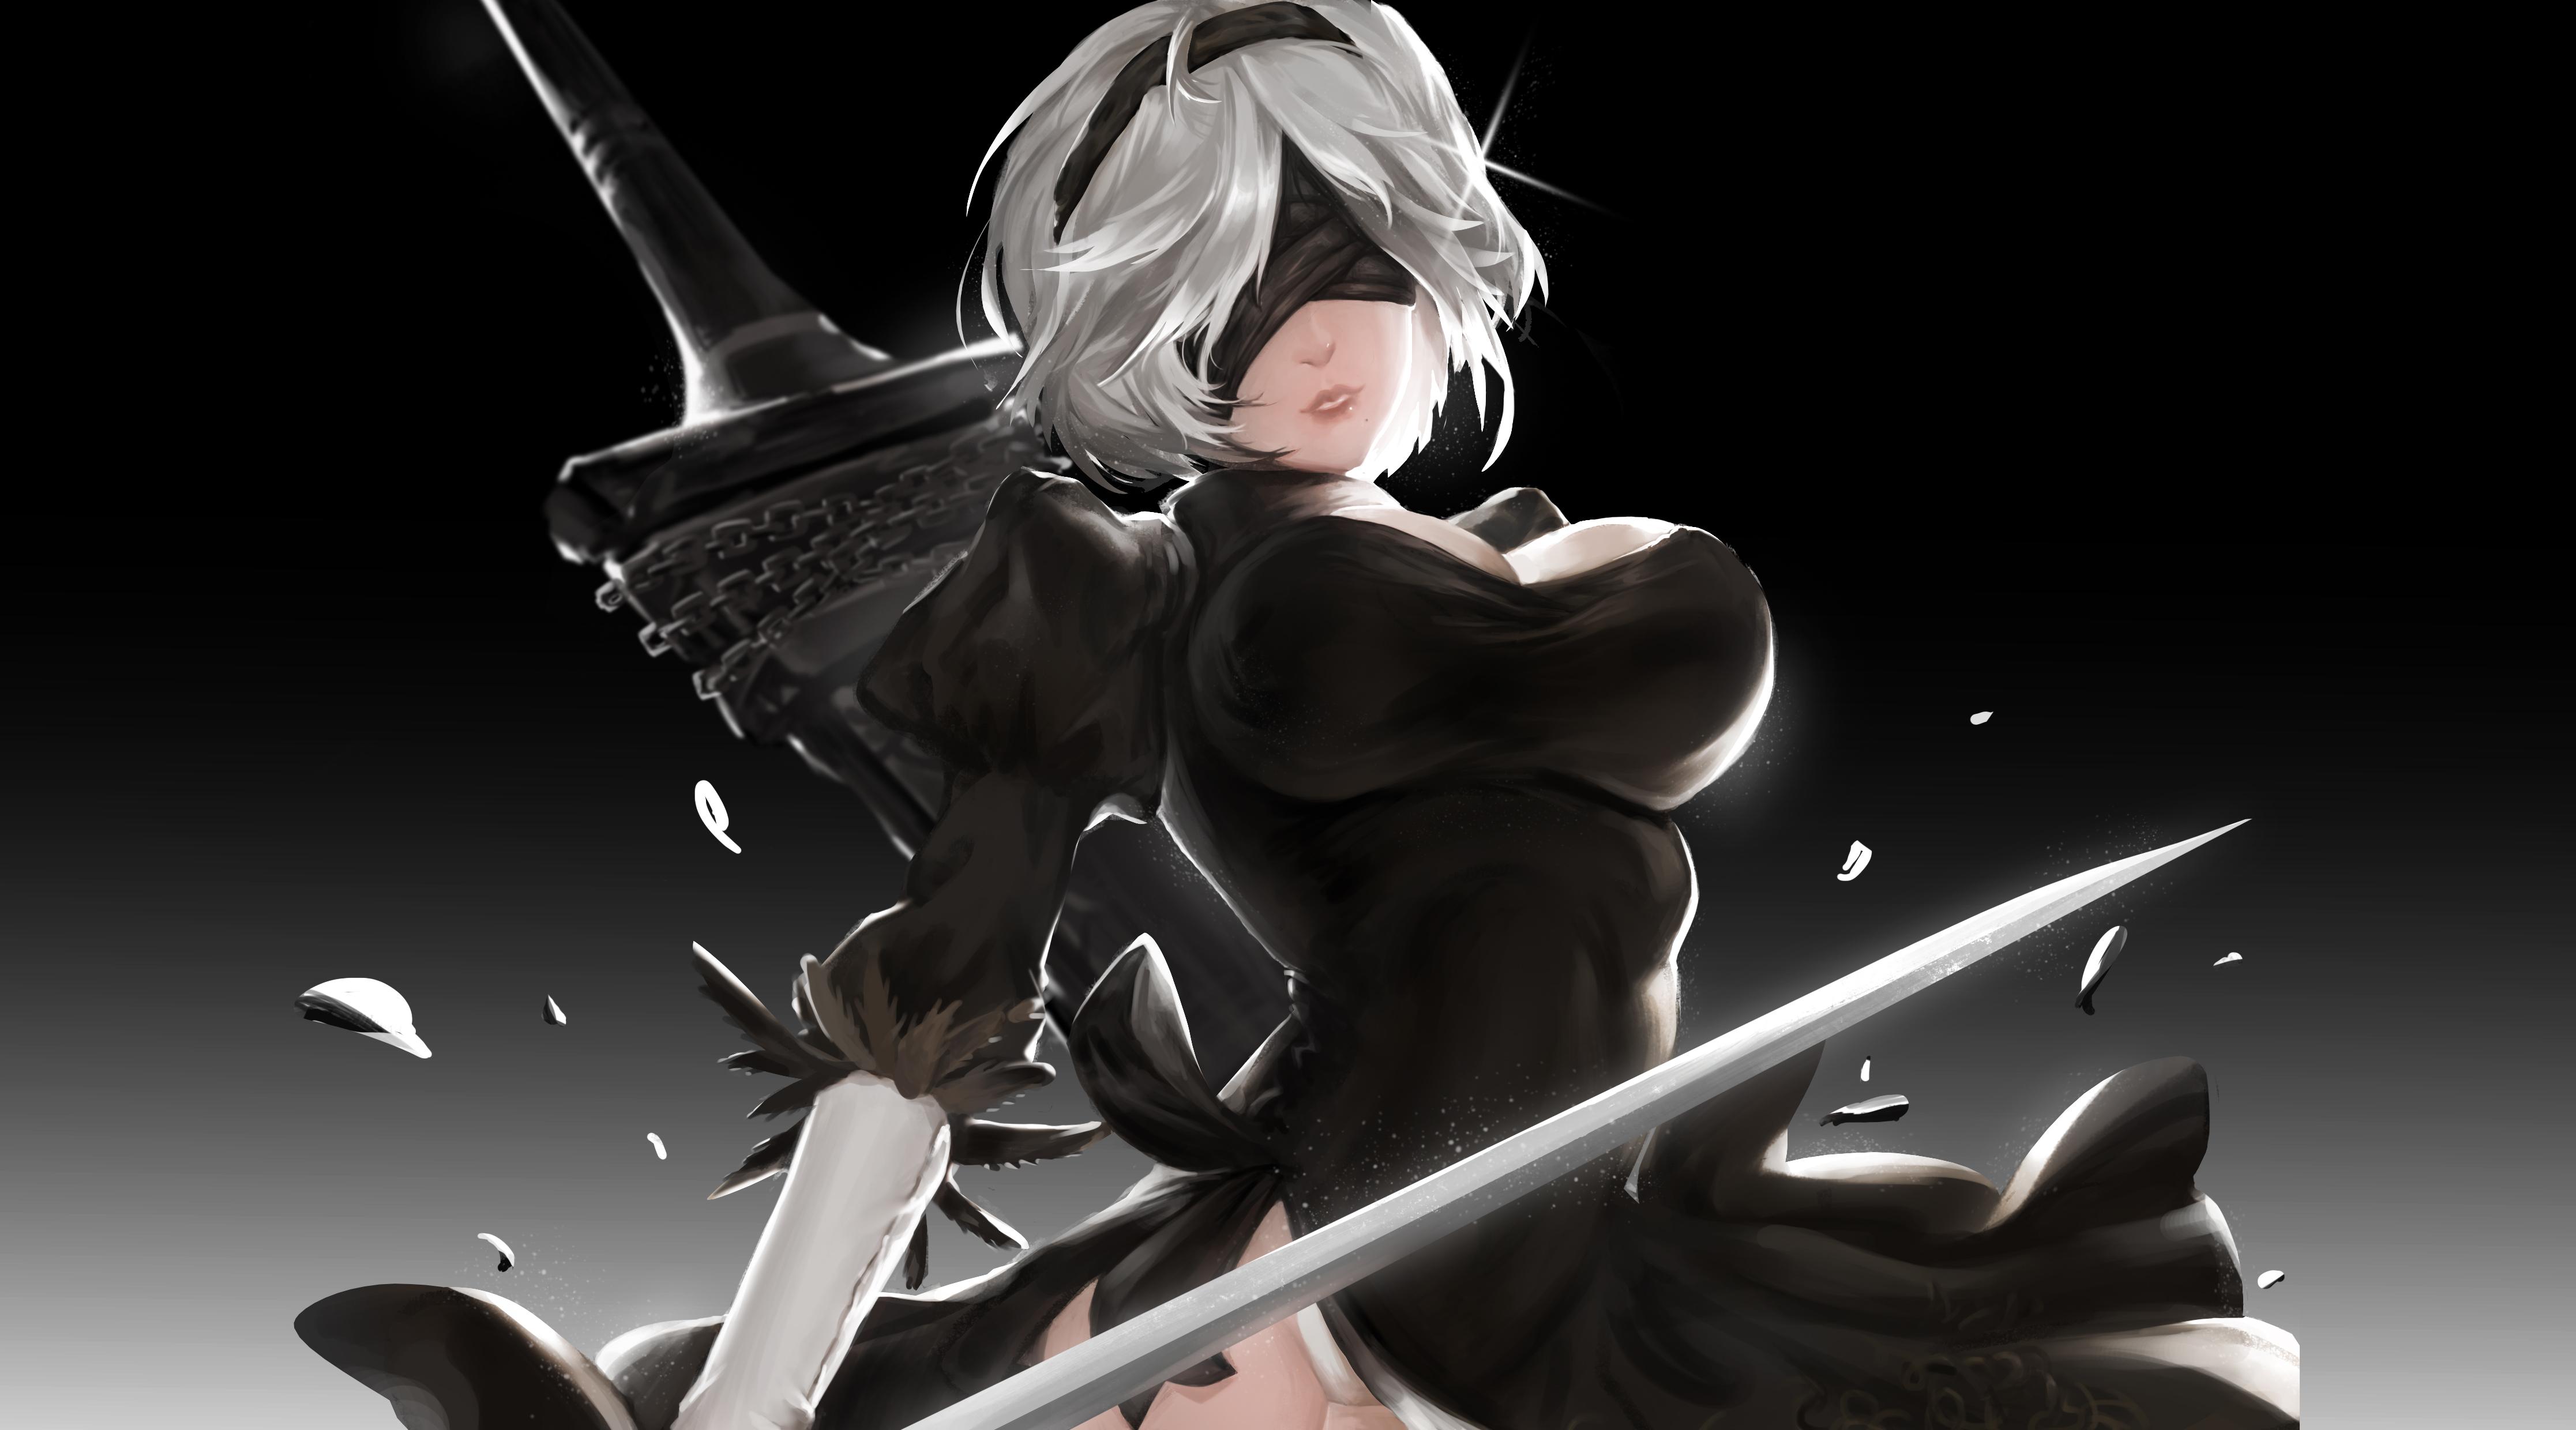 デスクトップ壁紙 おっぱい 黒いドレス Nier ニアオートマタ 剣 2b Nier Automata 4466x2480 Dragon デスクトップ壁紙 Wallhere